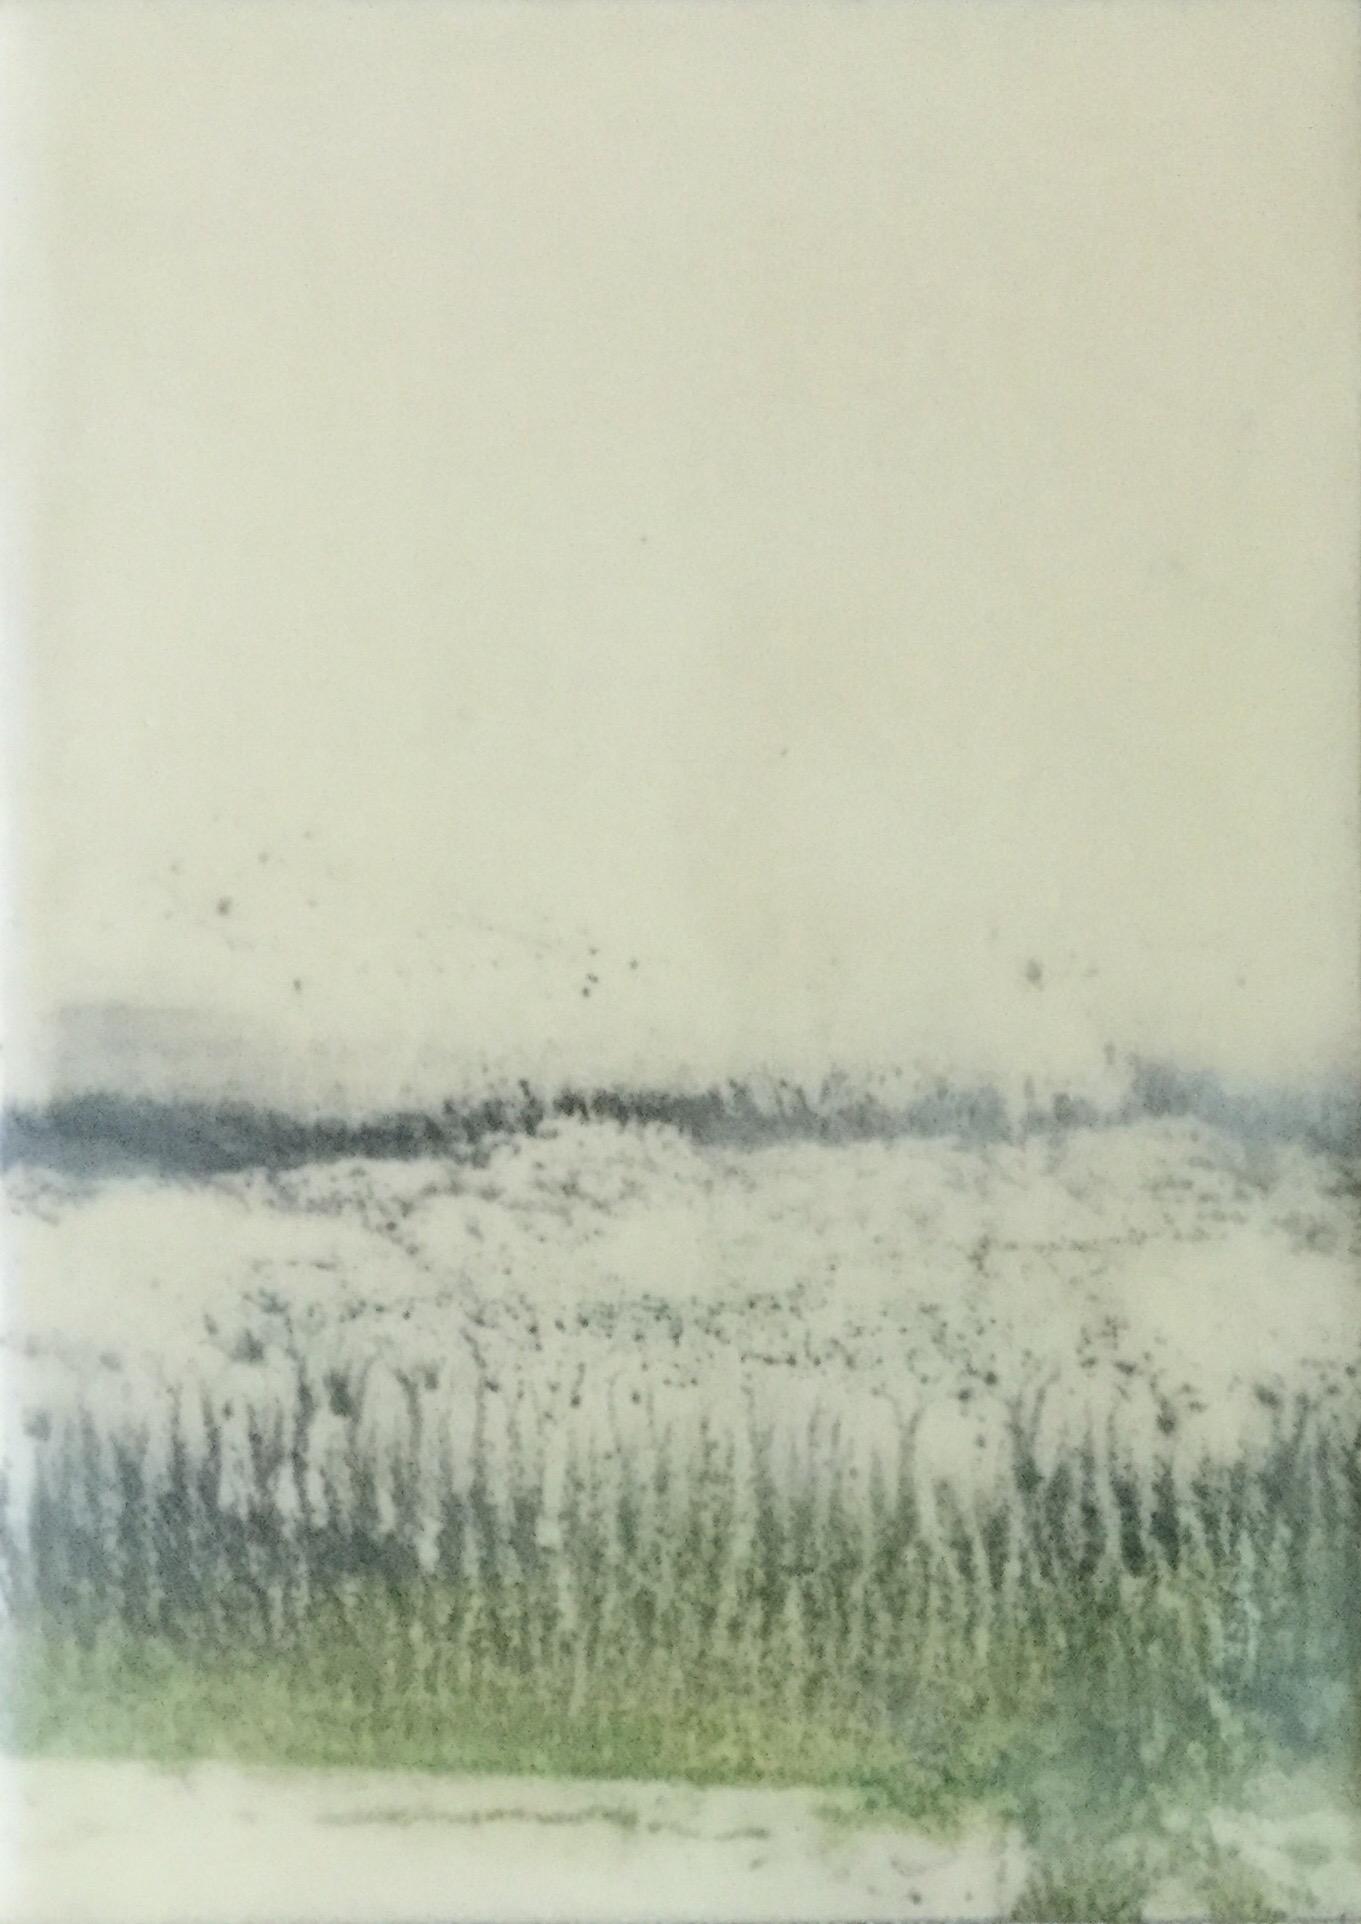 Seagrass ~ 5 x 7